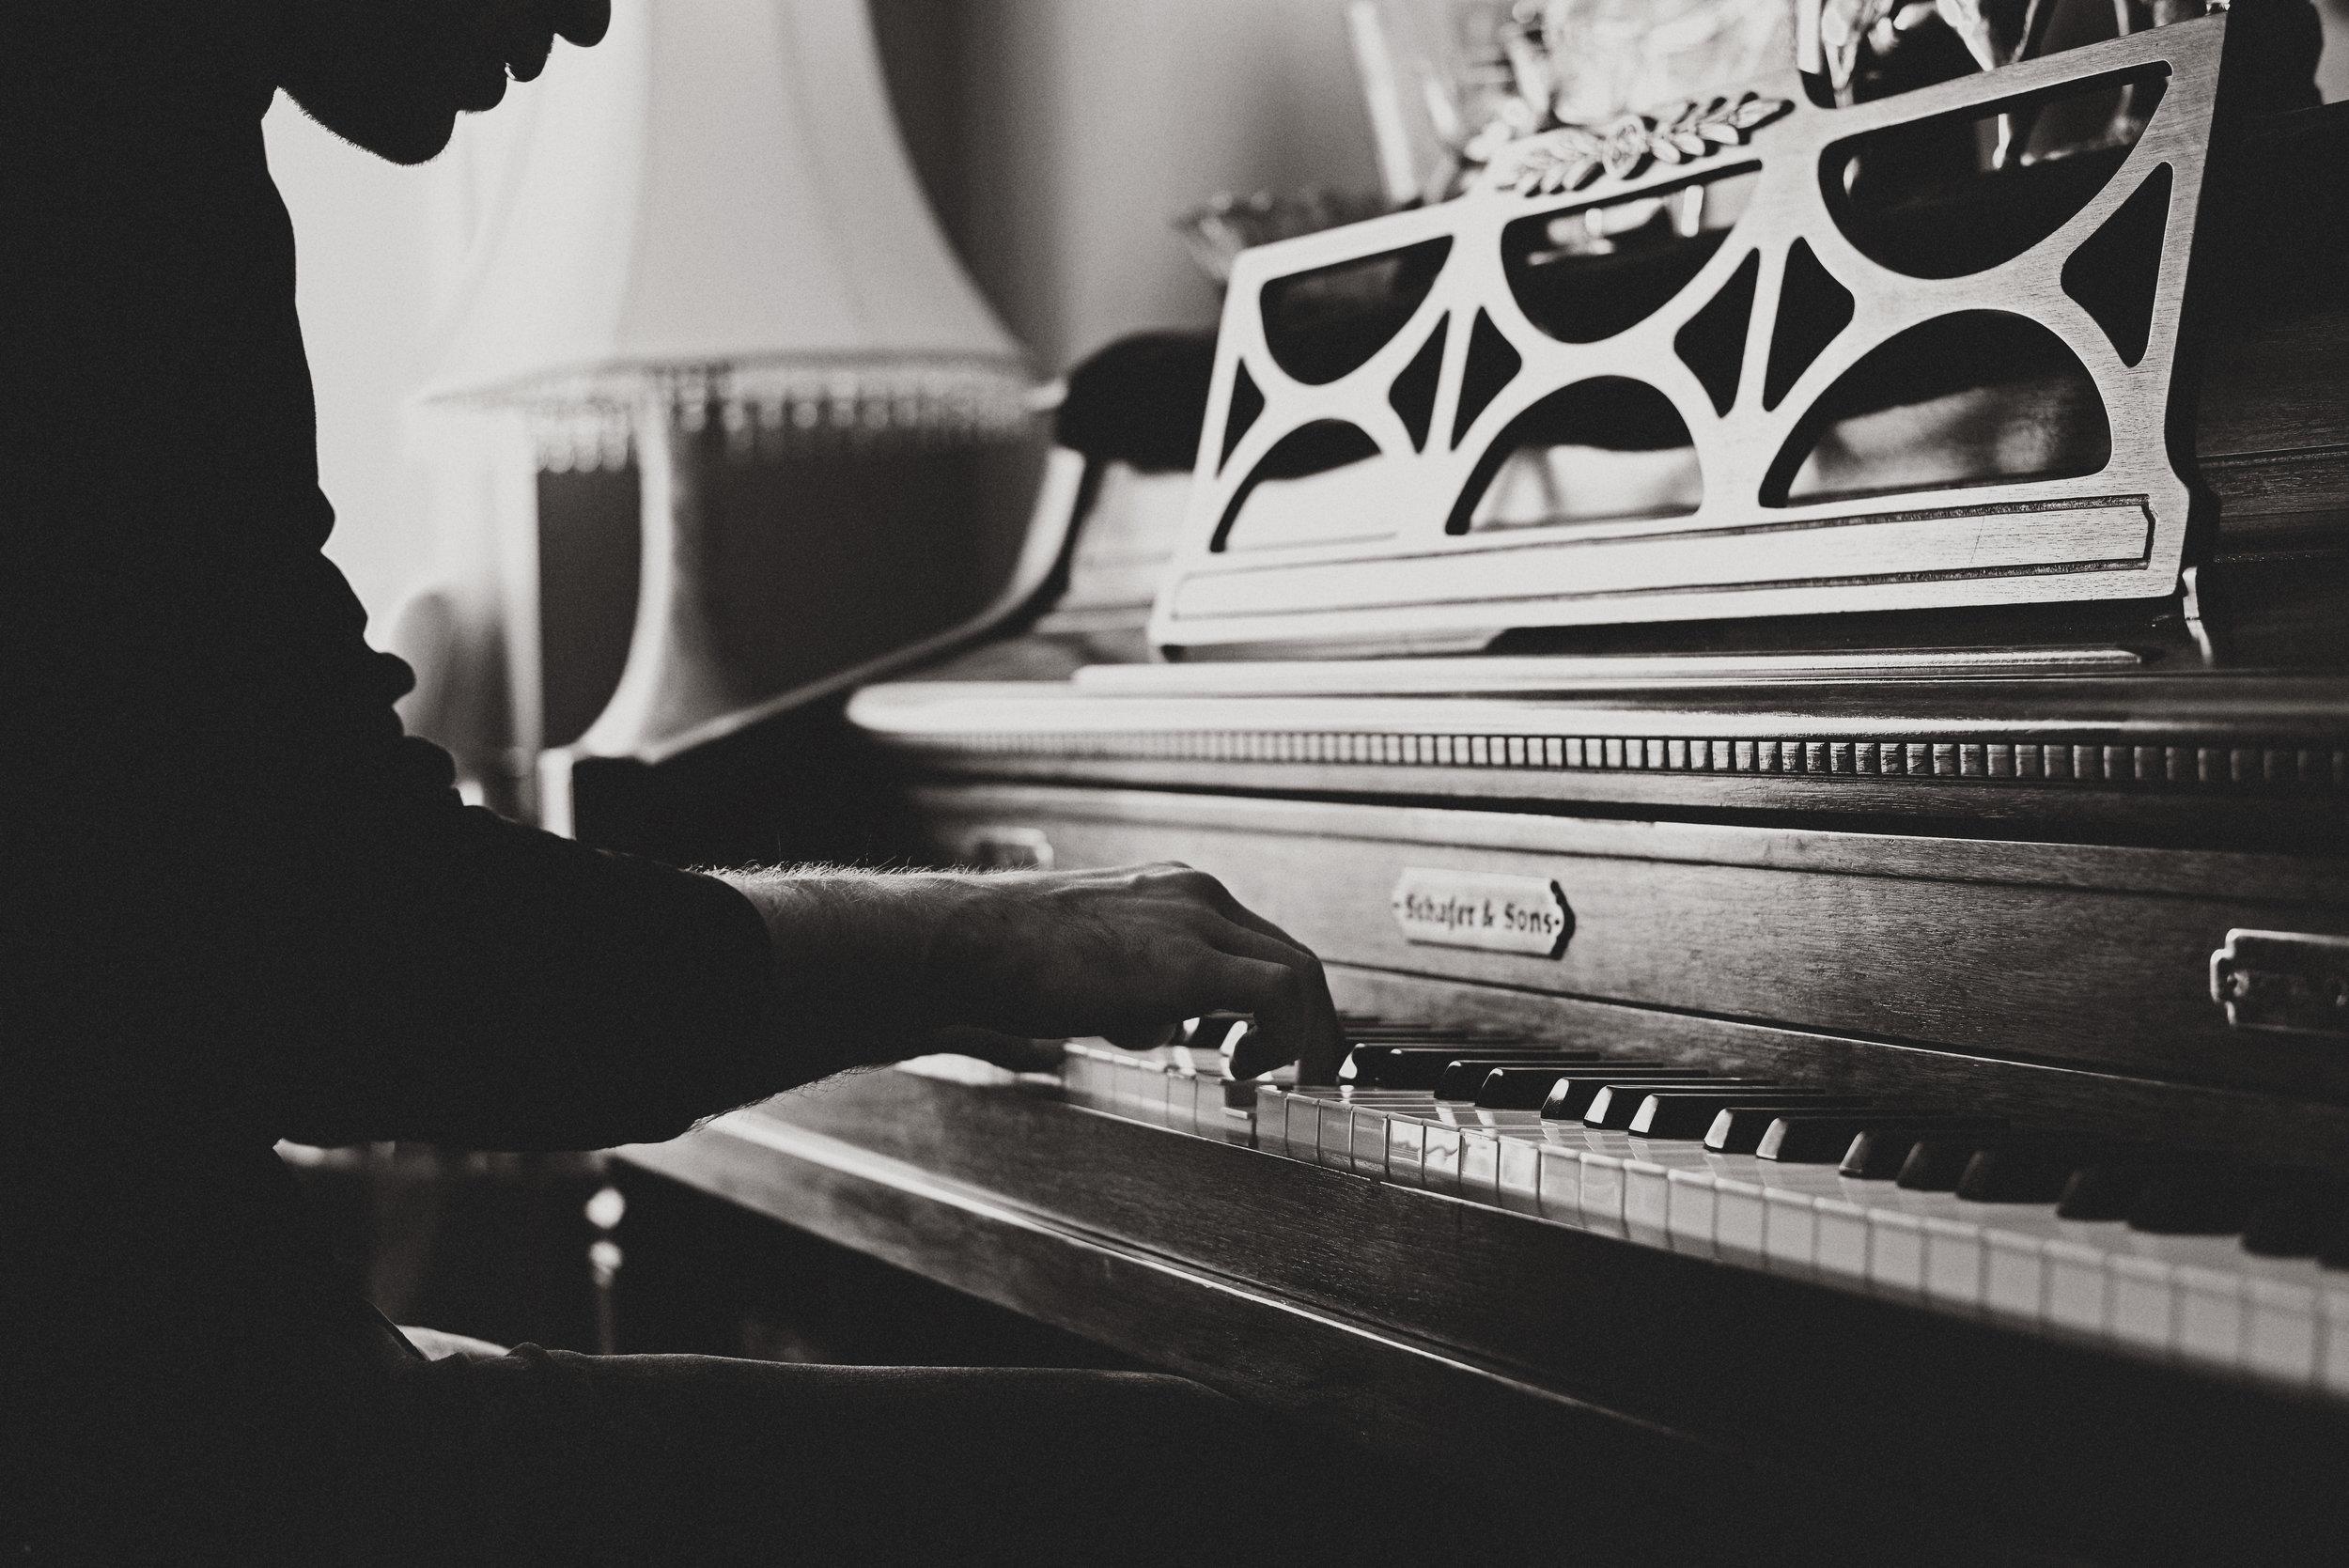 piano-Klavier-Übung-practice-training-weiterentwicklung